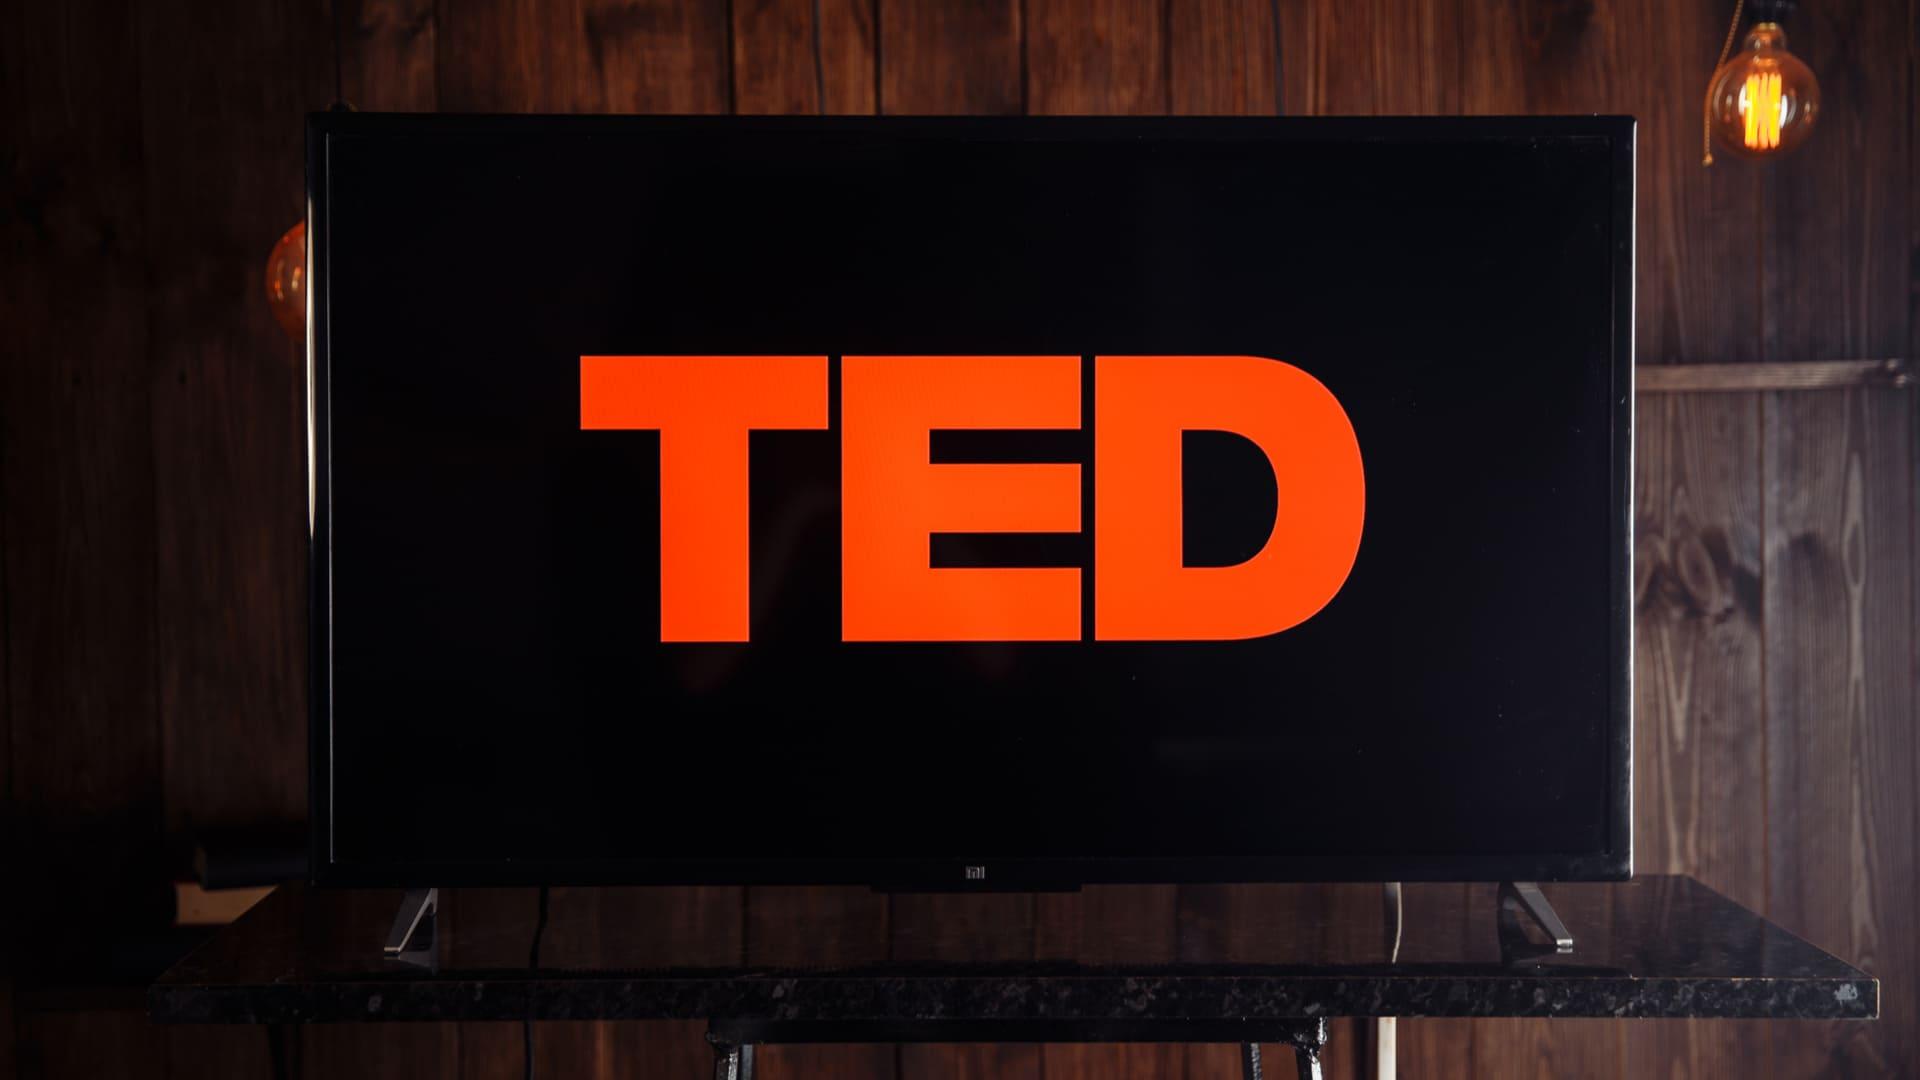 O TED é o aplicativo para TV box que reúne algumas das palestras mais famosas do mundo. (Imagem: Reprodução/Shutterstock)